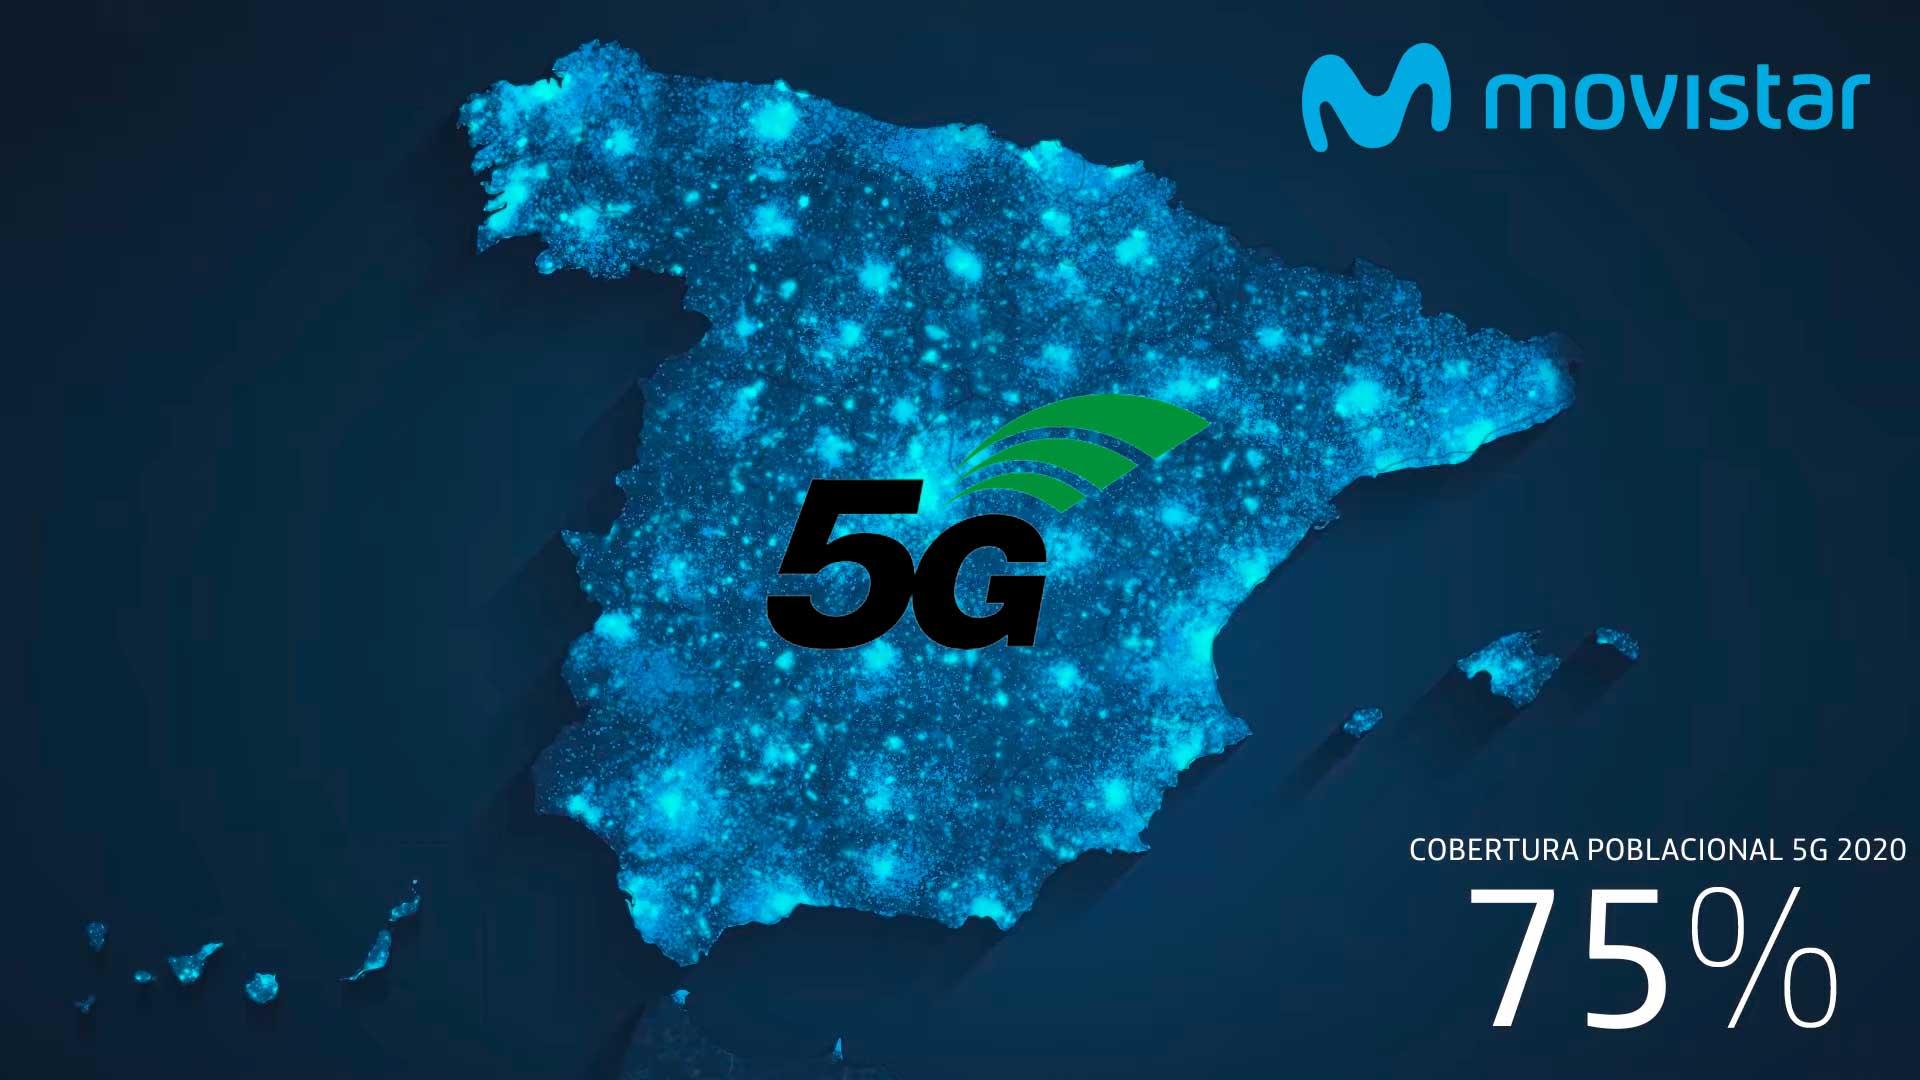 Movistar 5G encendido 2020